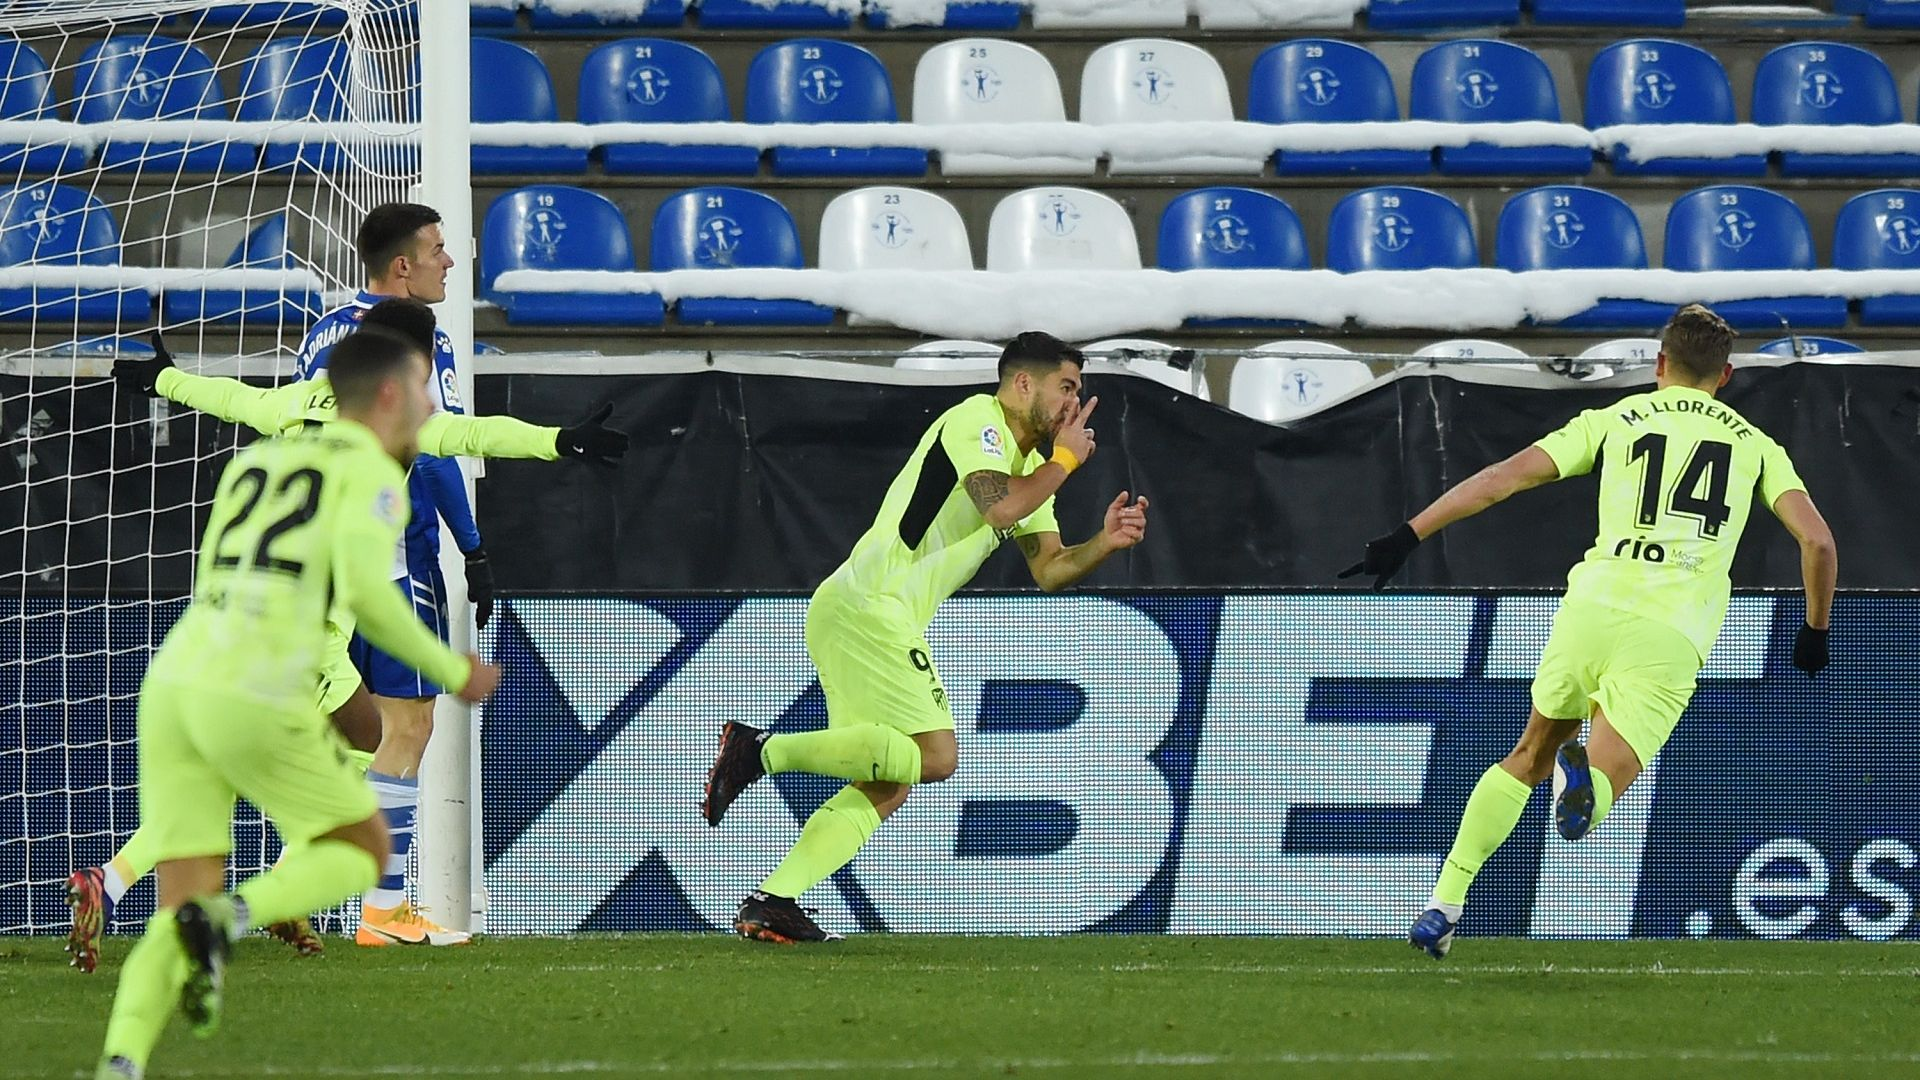 С гол в последната минута, Суарес върна Атлетико на върха в Испания